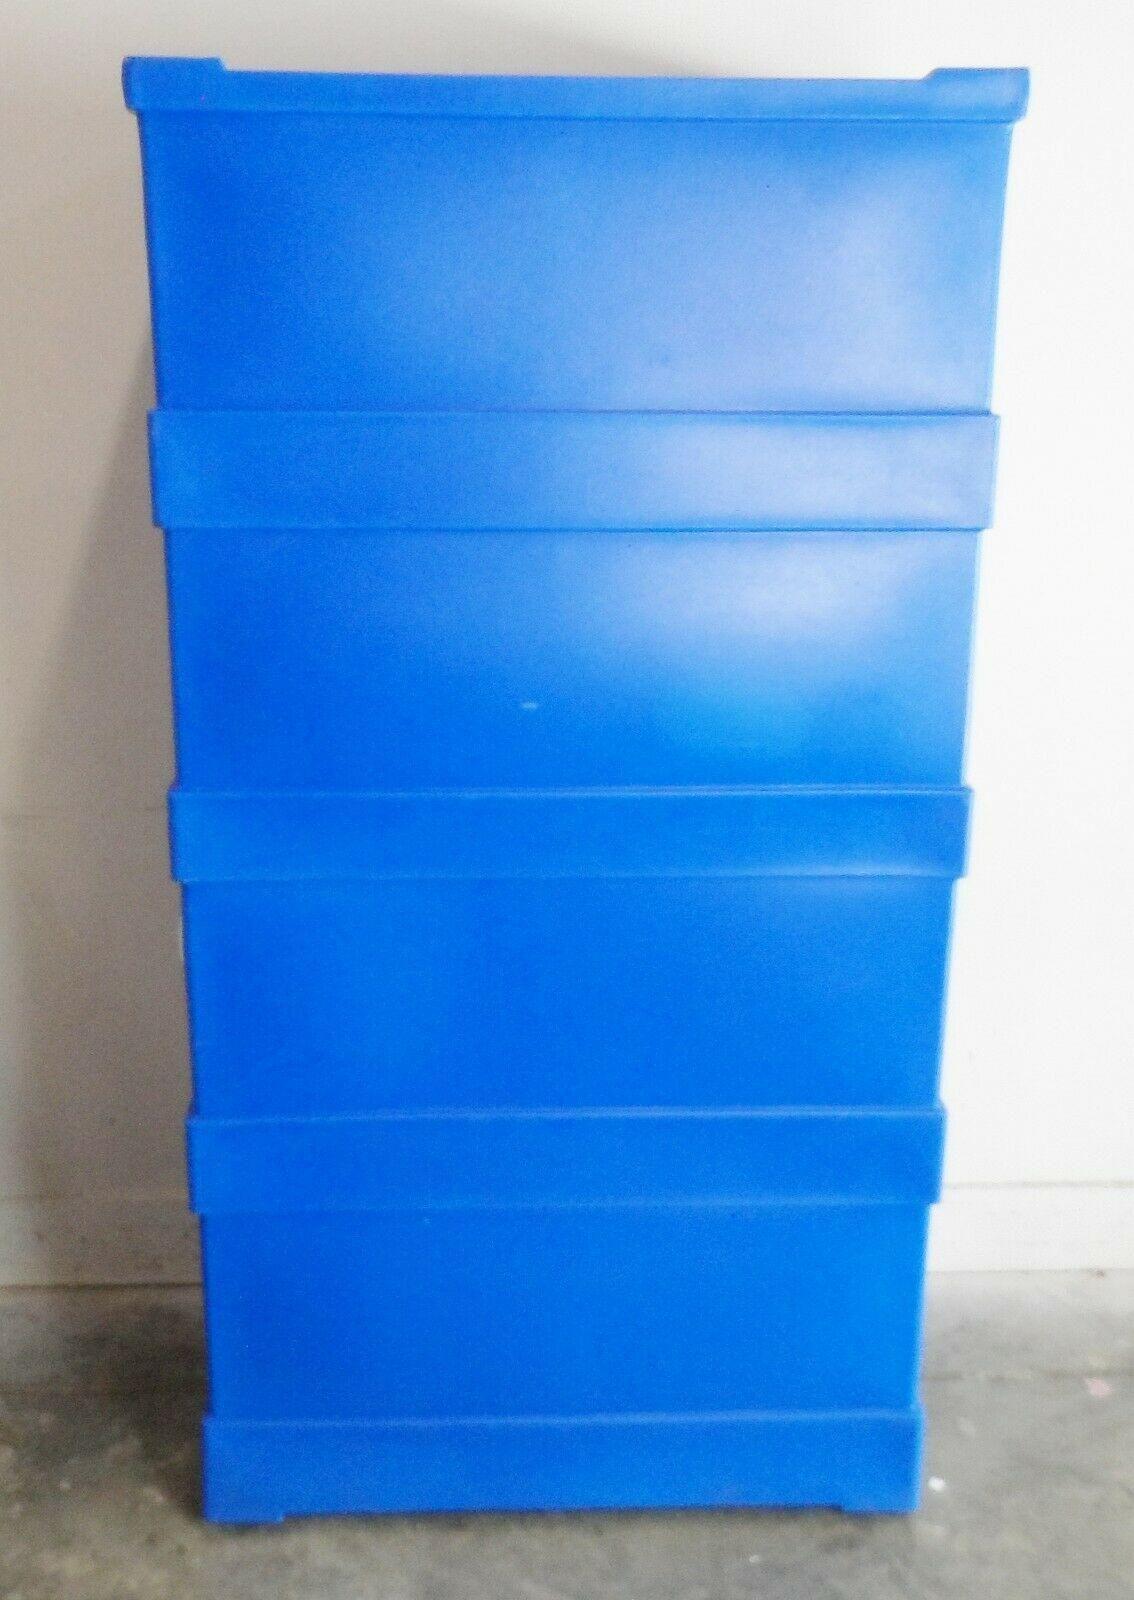 Eagle CRA-P44 Polyethylene Acid Storage Cabinet